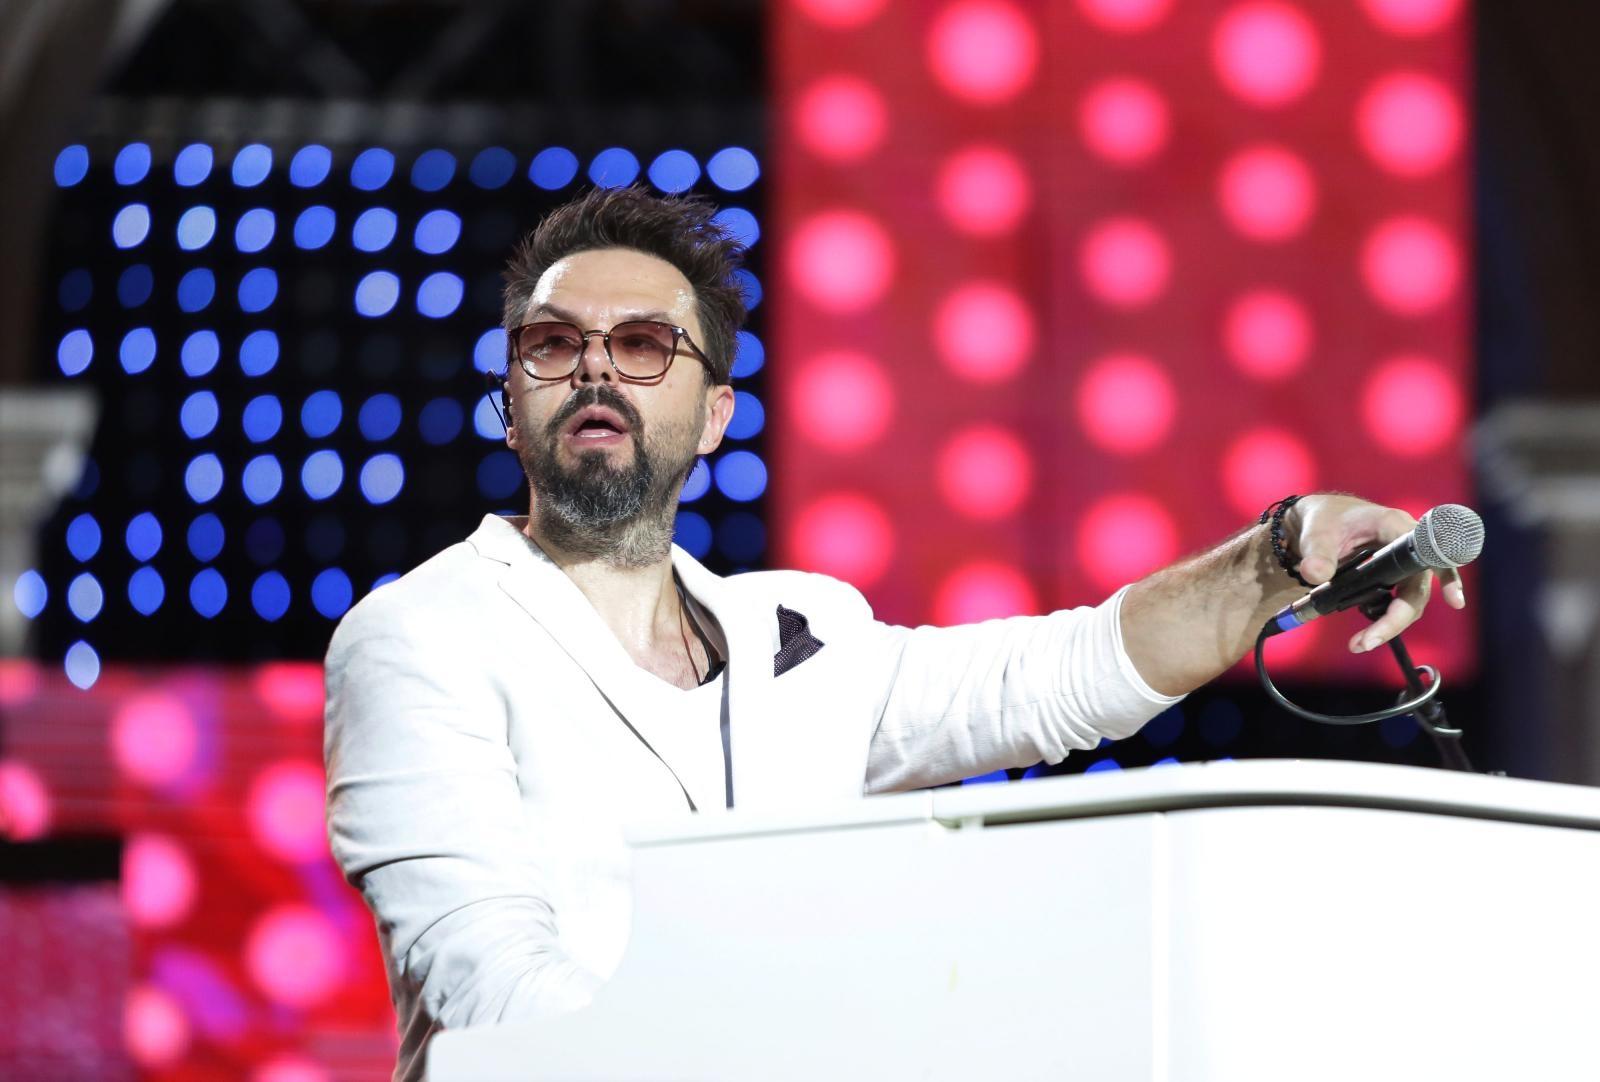 VIDEO: Koncertom Petra Graše započelo 59. izdanje Splitskog festivala